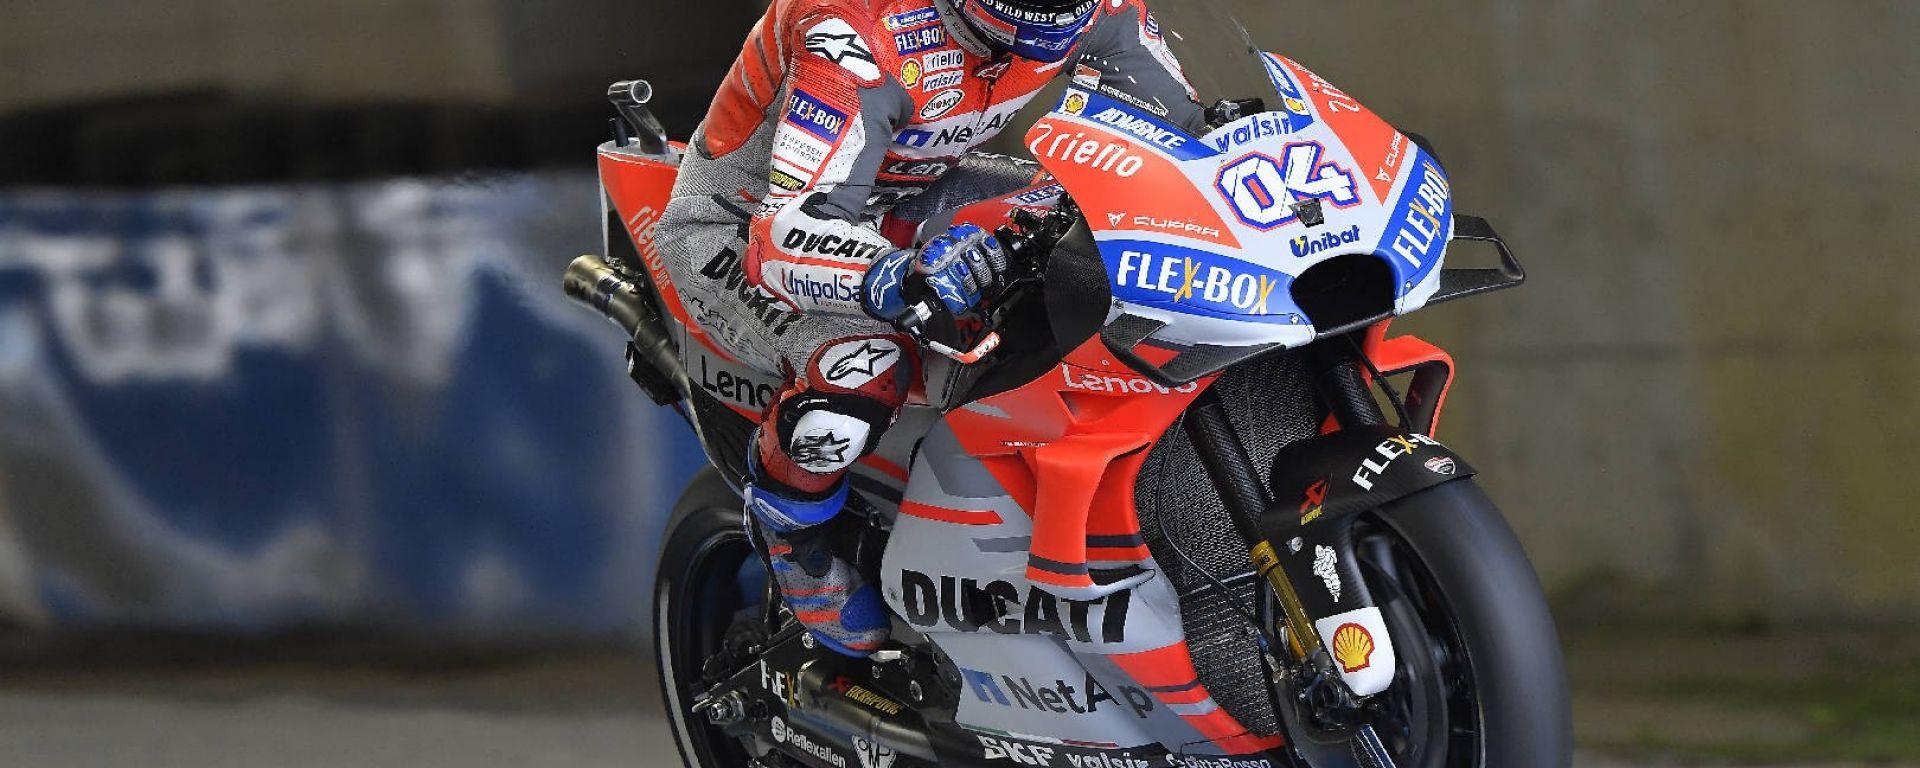 MotoGP Motegi 2018: Dovizioso in pole, Rossi nono